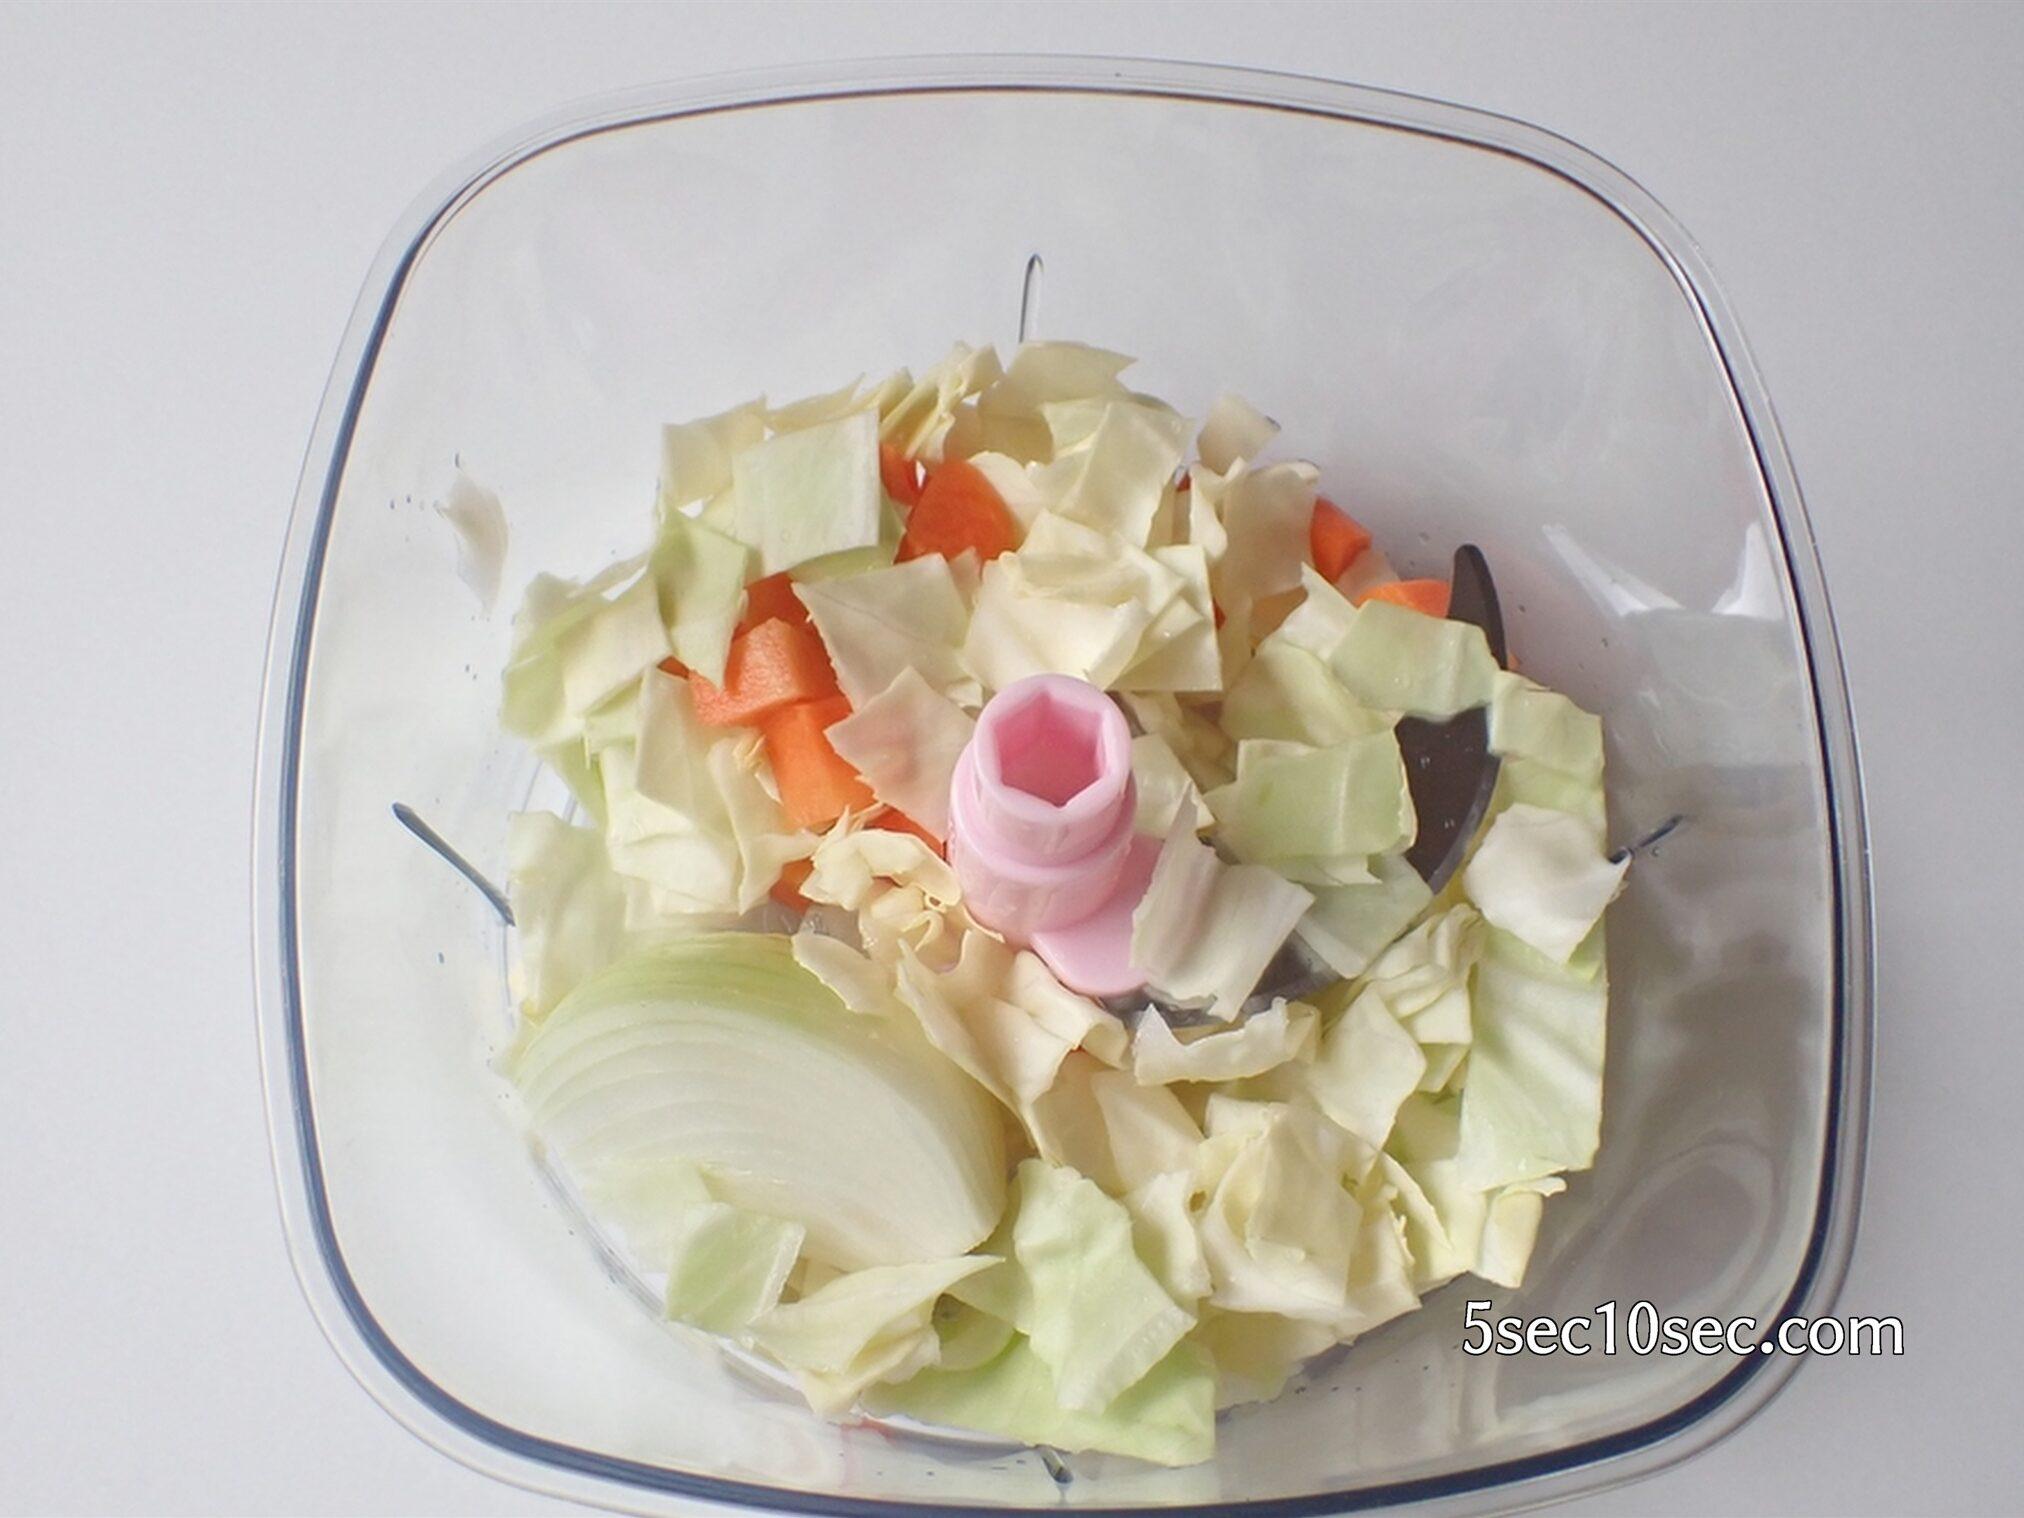 貝印 KHS スピーディーチョッパー L 品番DH2084 3枚刃をセットして野菜をみじん切りにします